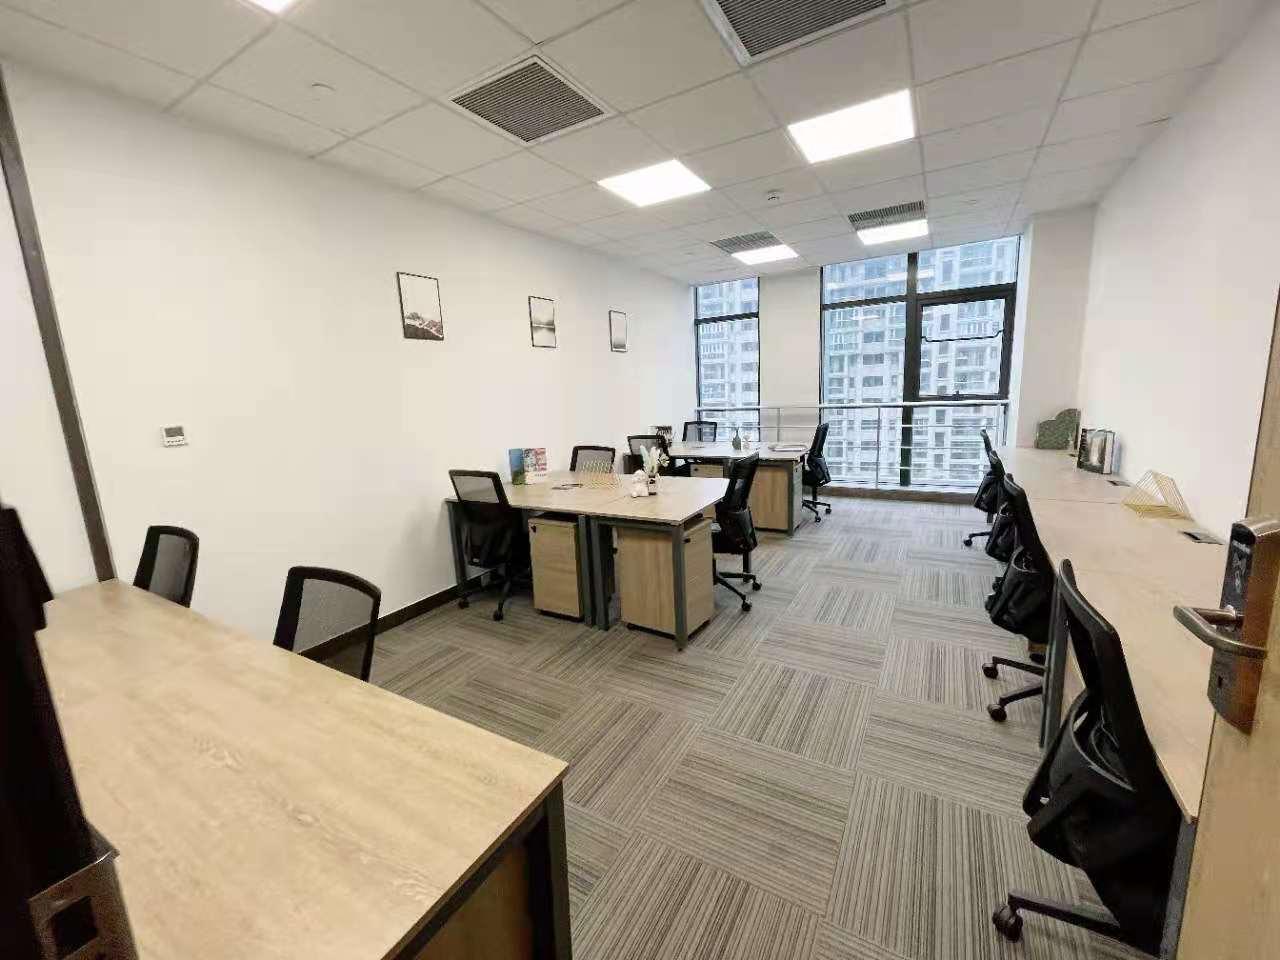 虹桥路文广大厦出租12人间共享办公室